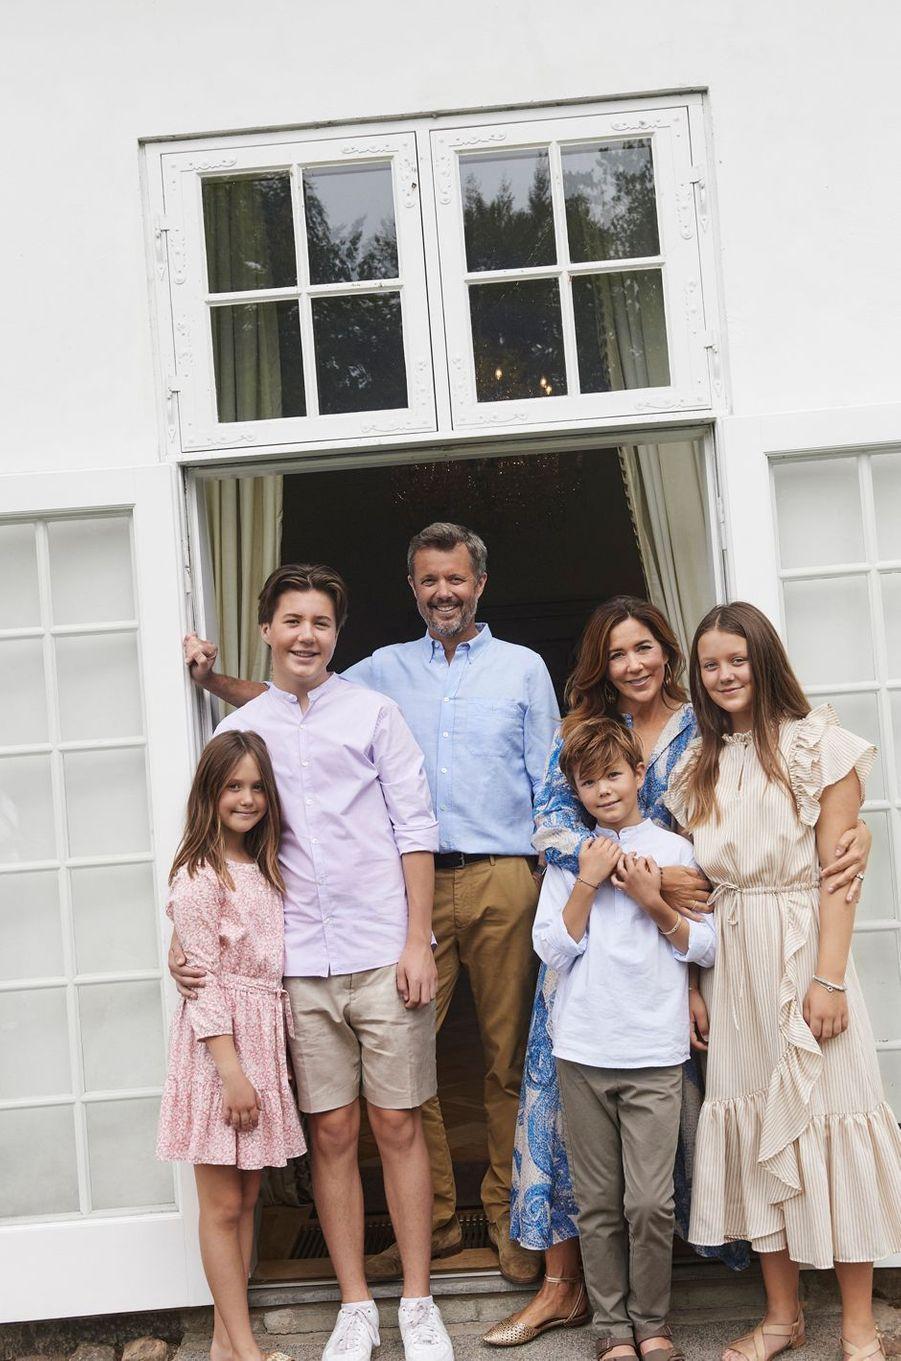 Le prince héritier Frederik de Danemark avec la princesse Mary et leurs enfants. Photo diffusée le 31 août 2020